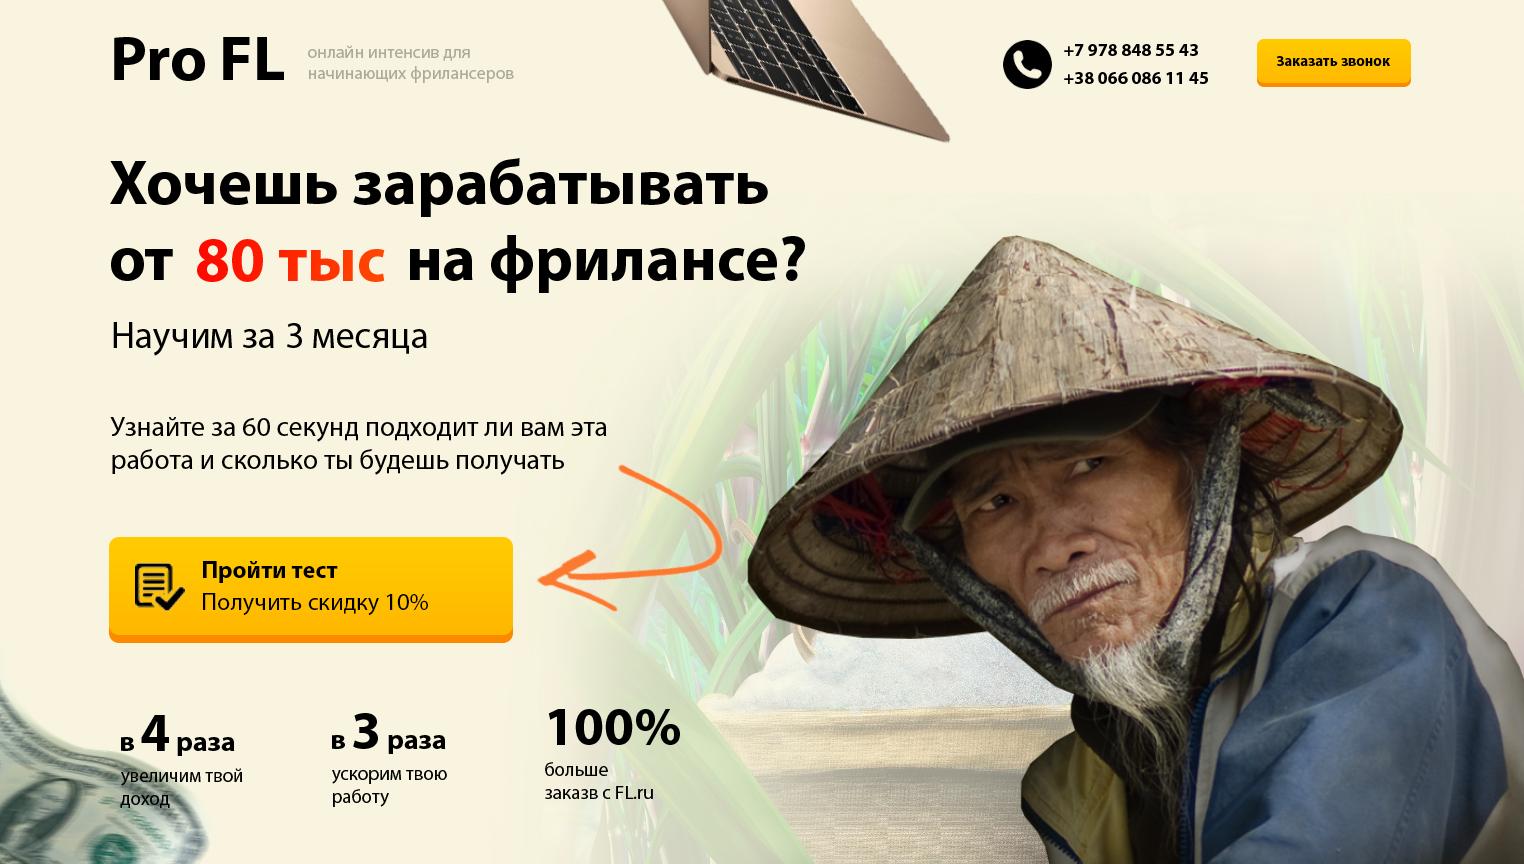 Квиз → Онлайн курсы по дизайну